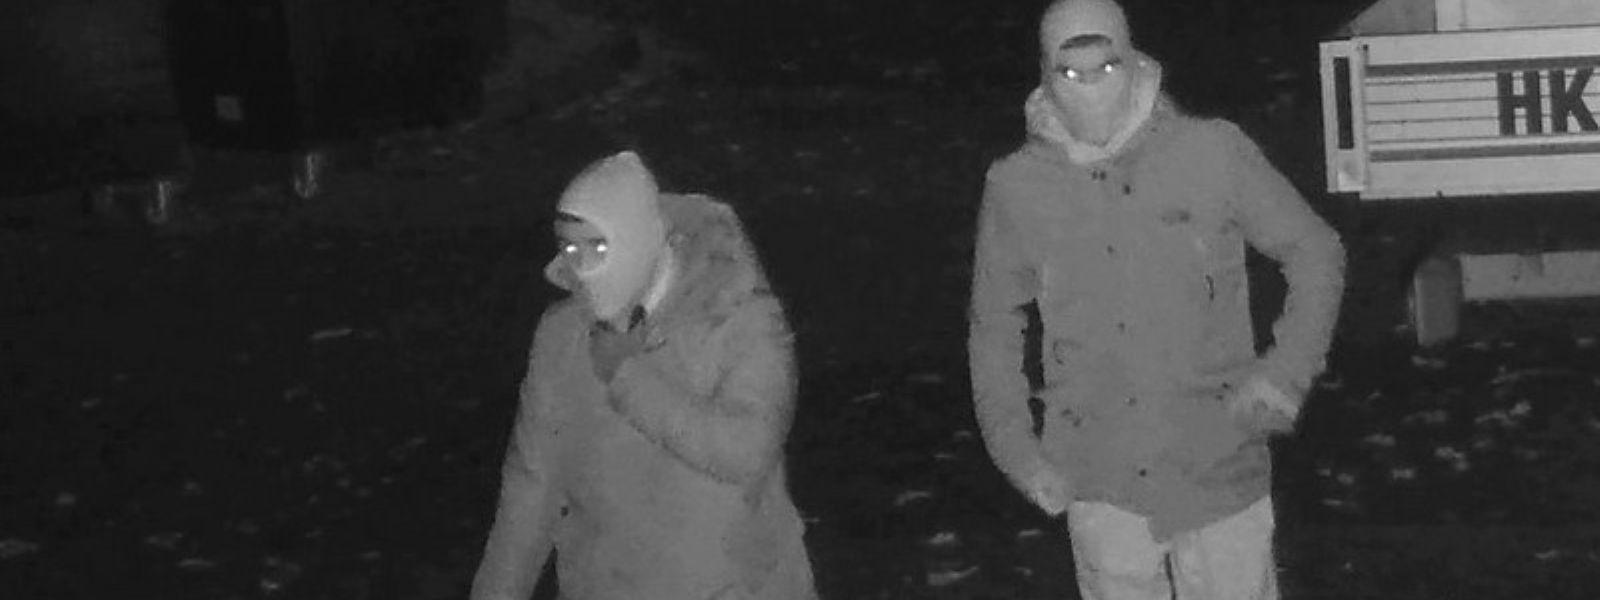 Mit diesem Bild einer Überwachungskamera fahndete die Polizei nach den Einbrechern. Den Durchbruch brachte aber eine DNA-Spur.